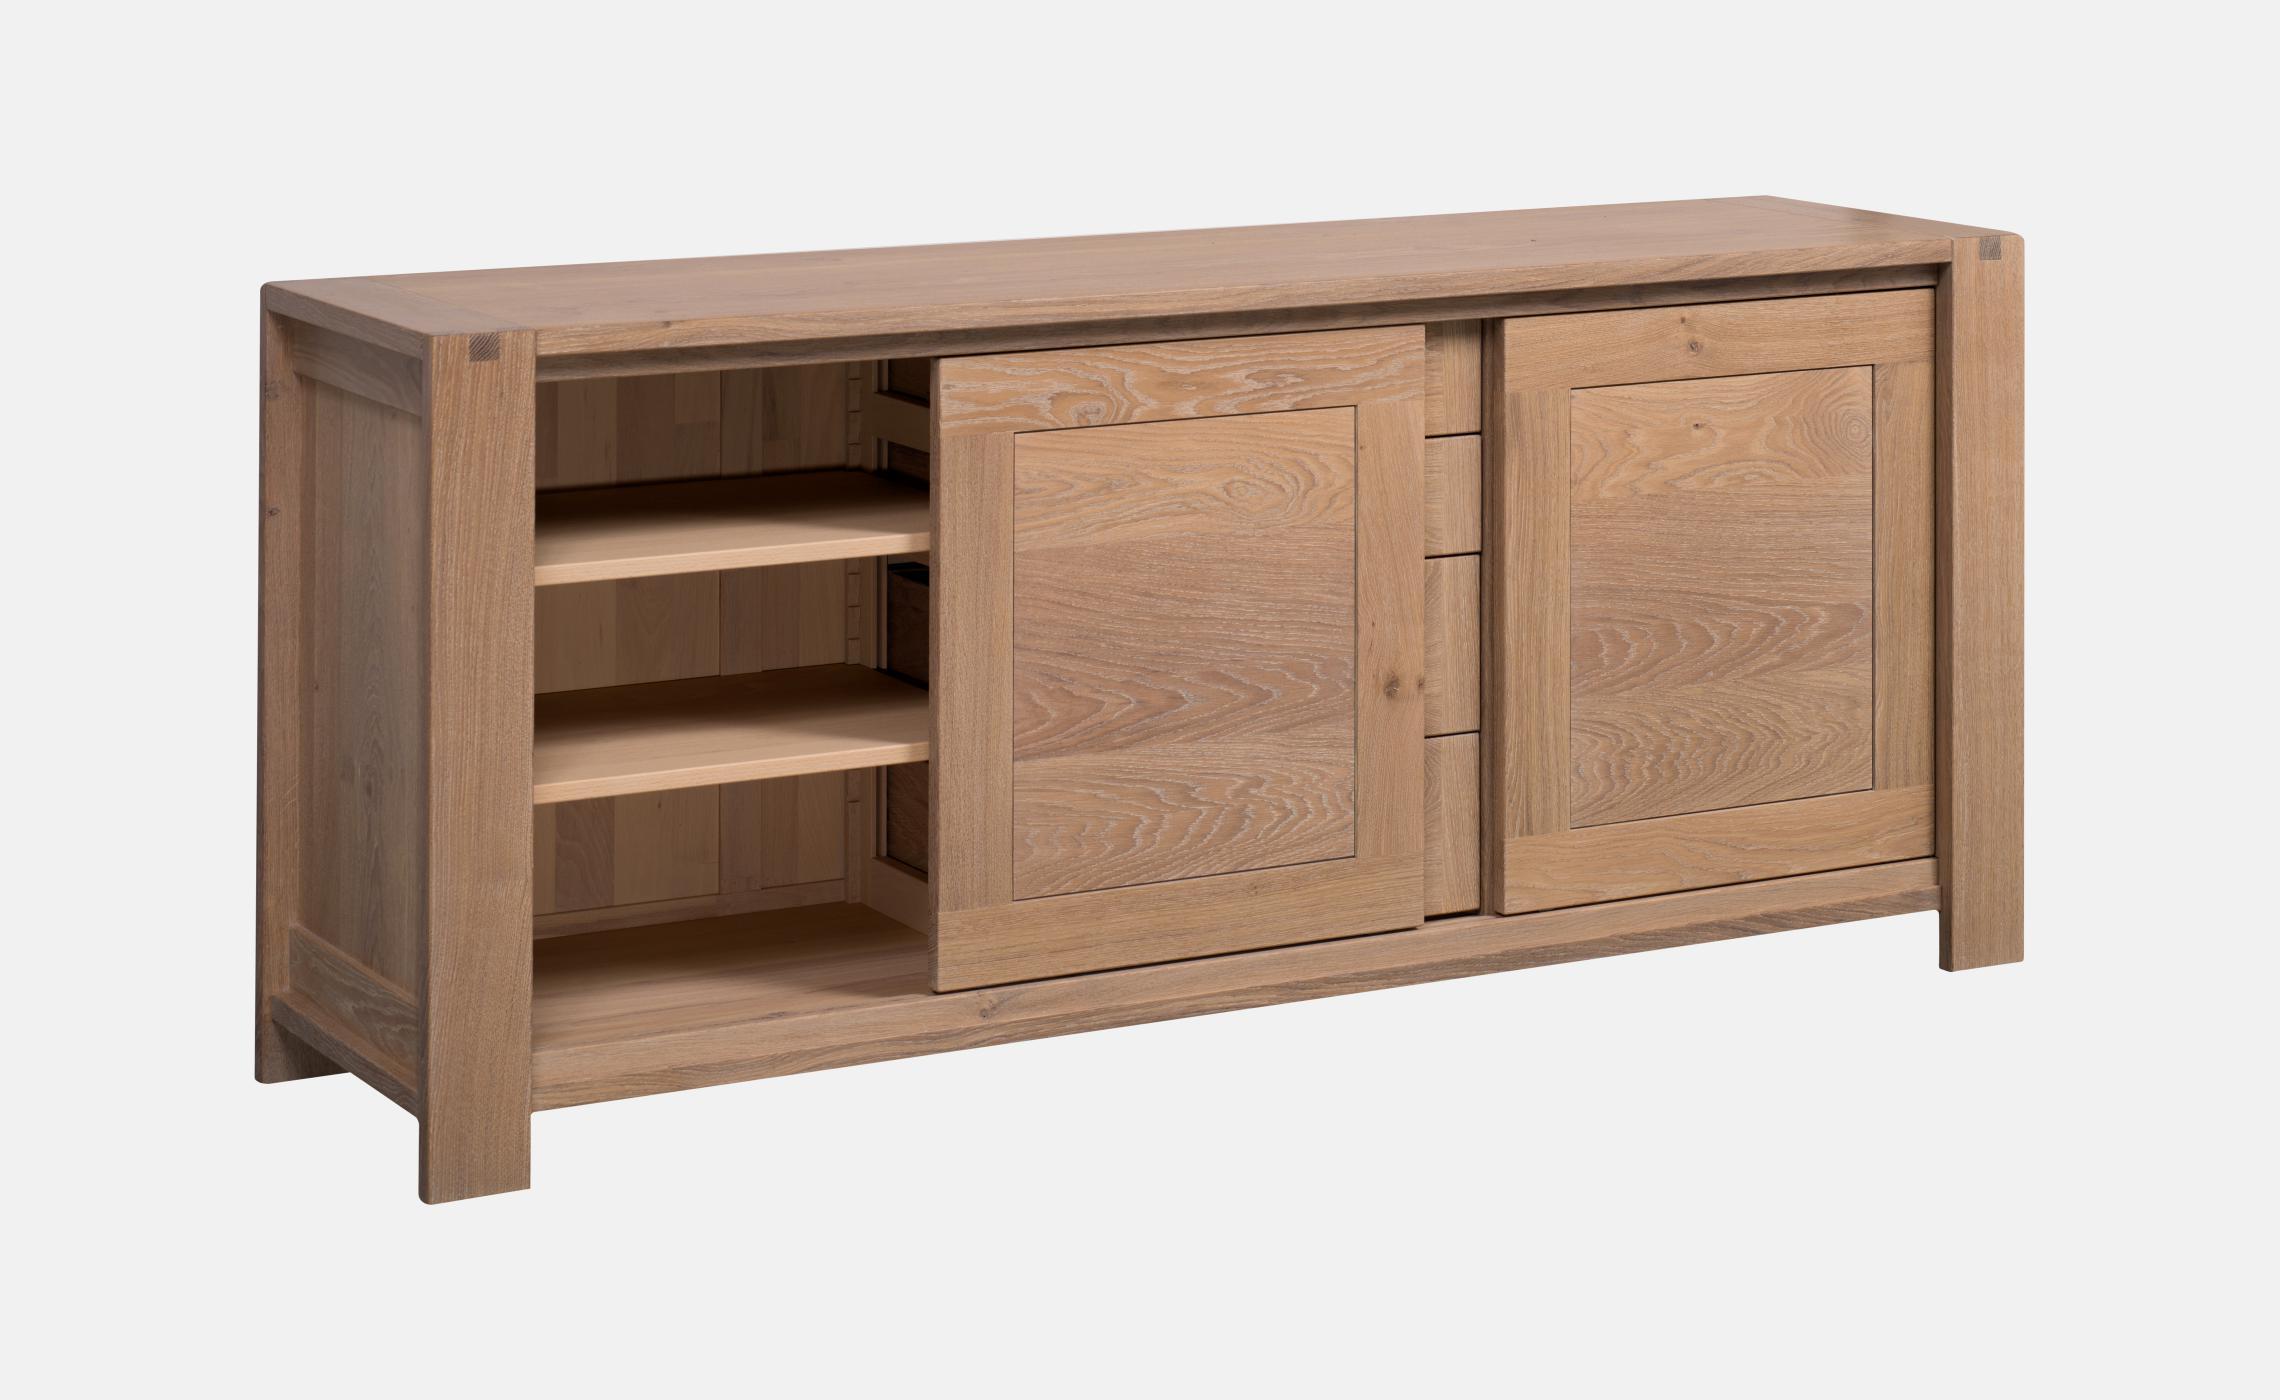 enfilade en ch ne huil avec portes coulissantes et tiroirs sainbiose delorme meubles. Black Bedroom Furniture Sets. Home Design Ideas